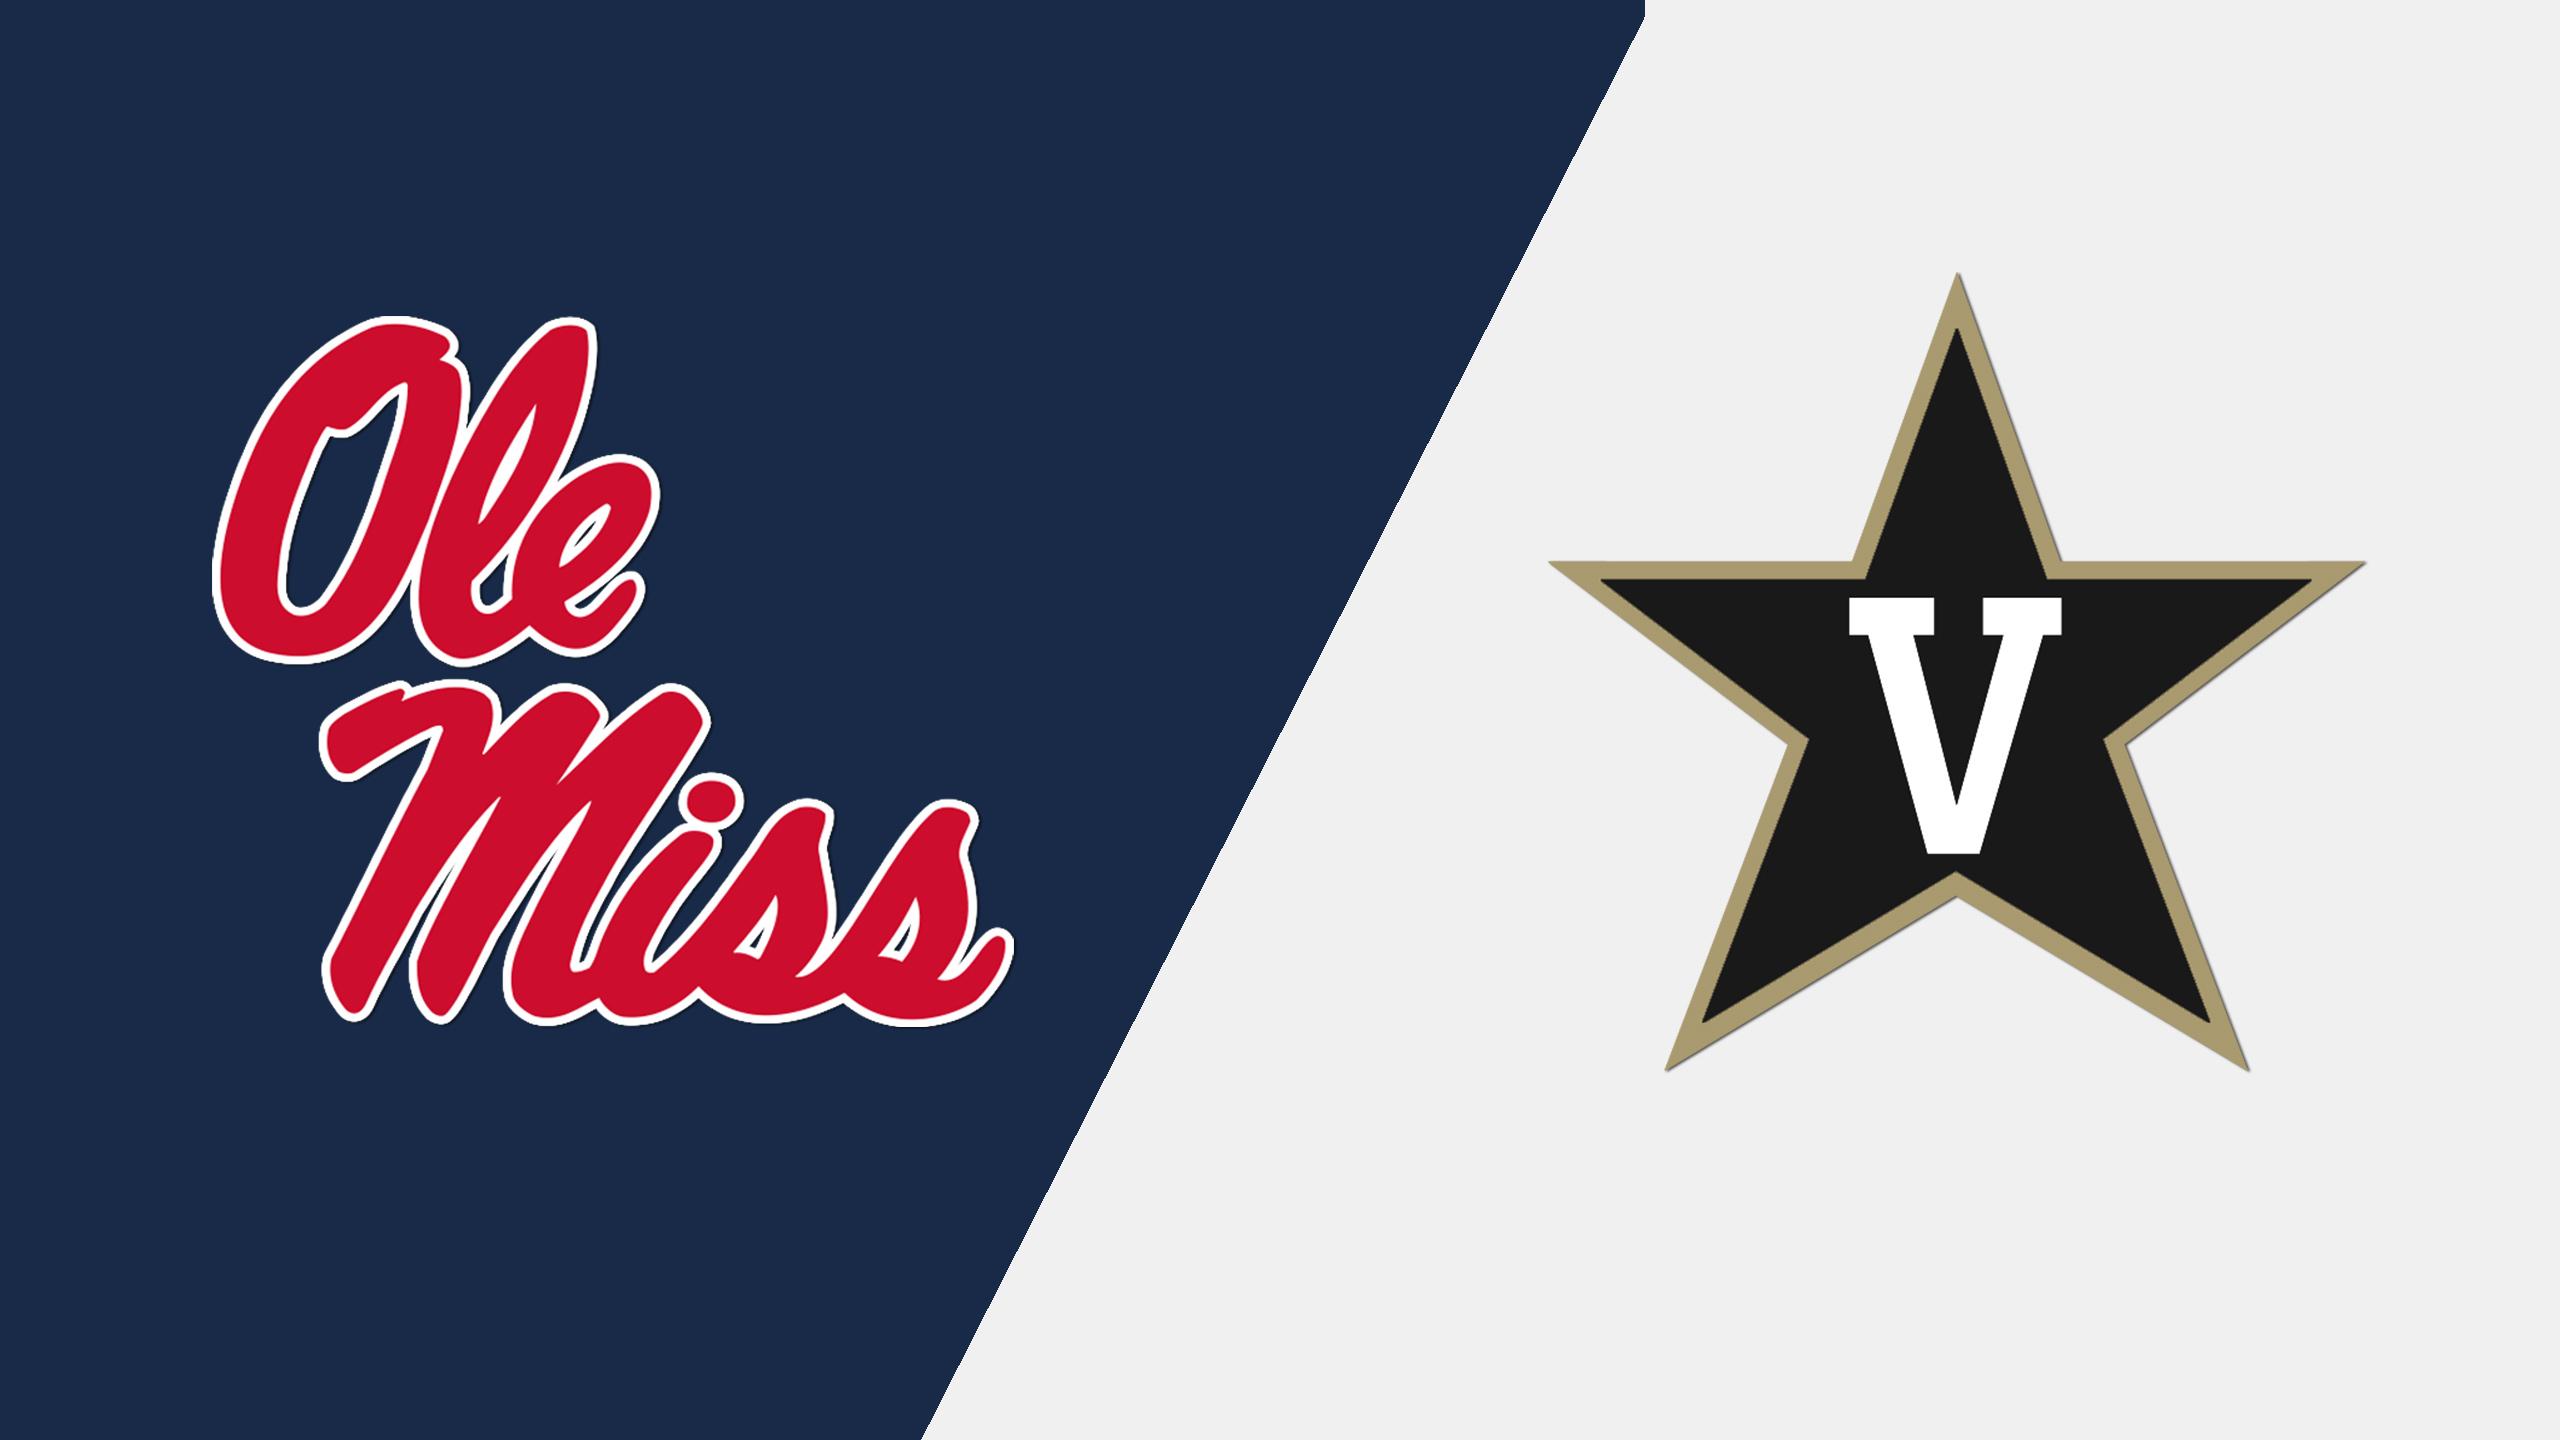 Ole Miss vs. Vanderbilt